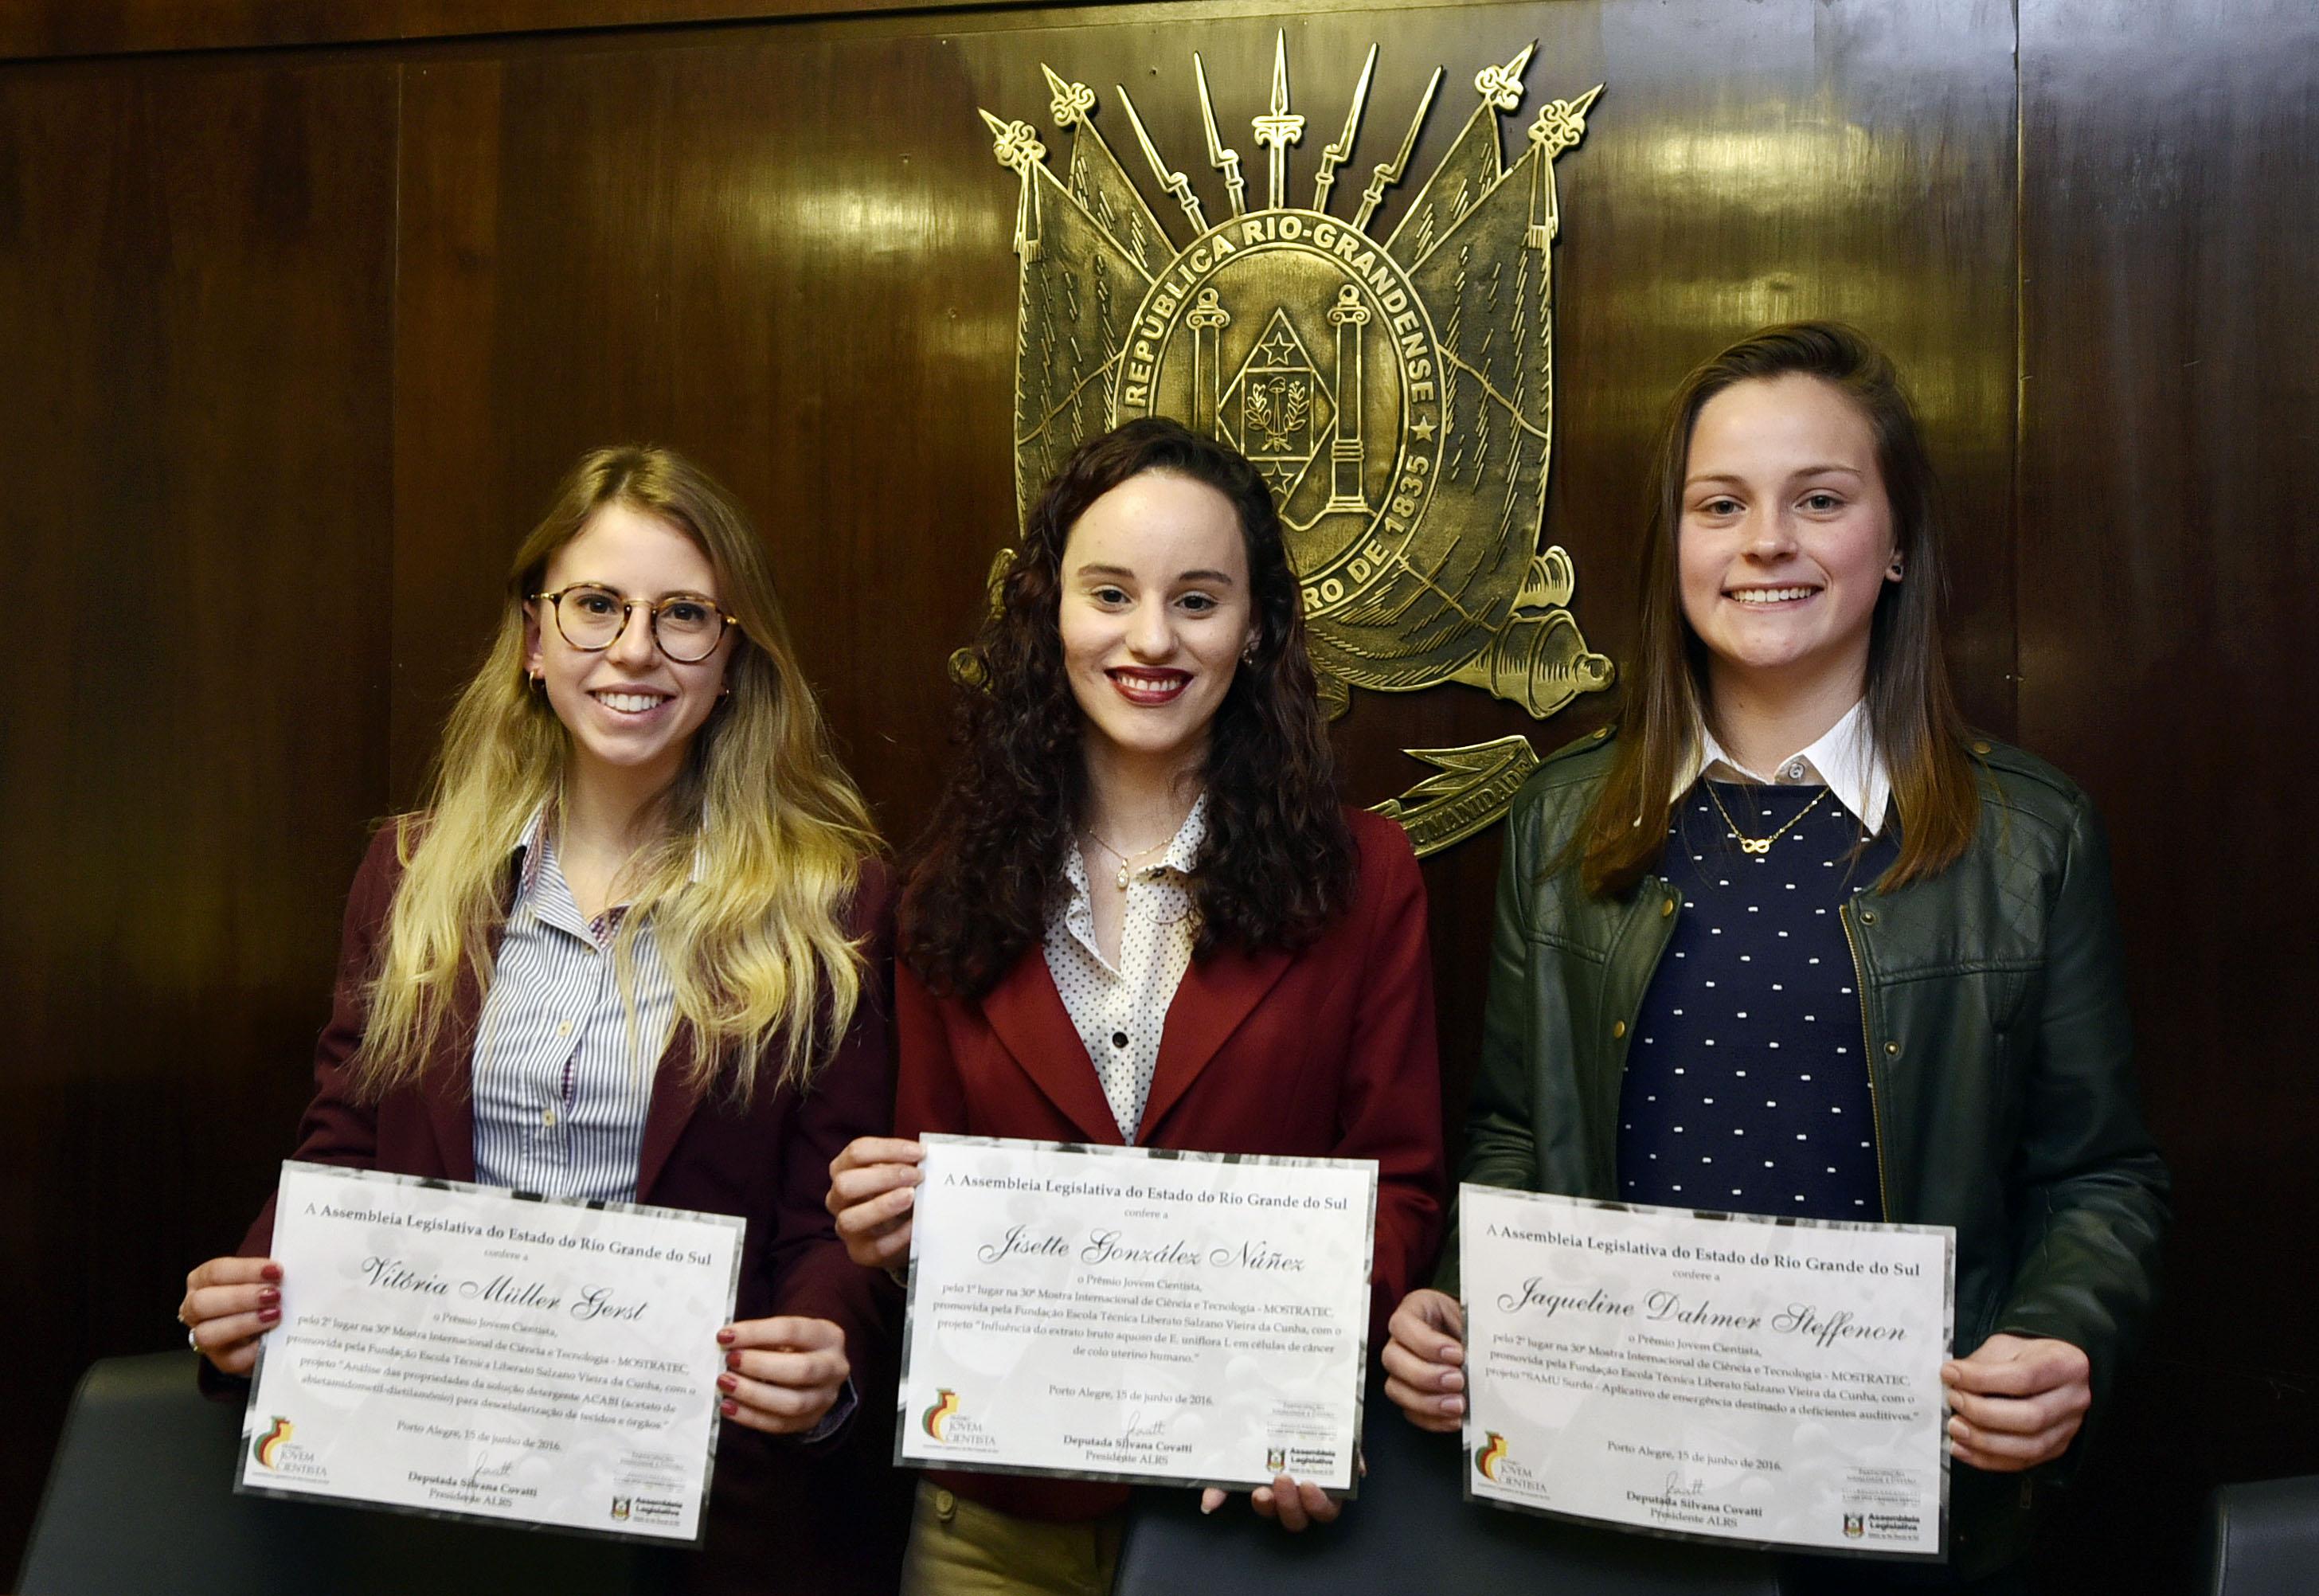 Jisette (centro) recebeu o Prêmio Jovem Cientista